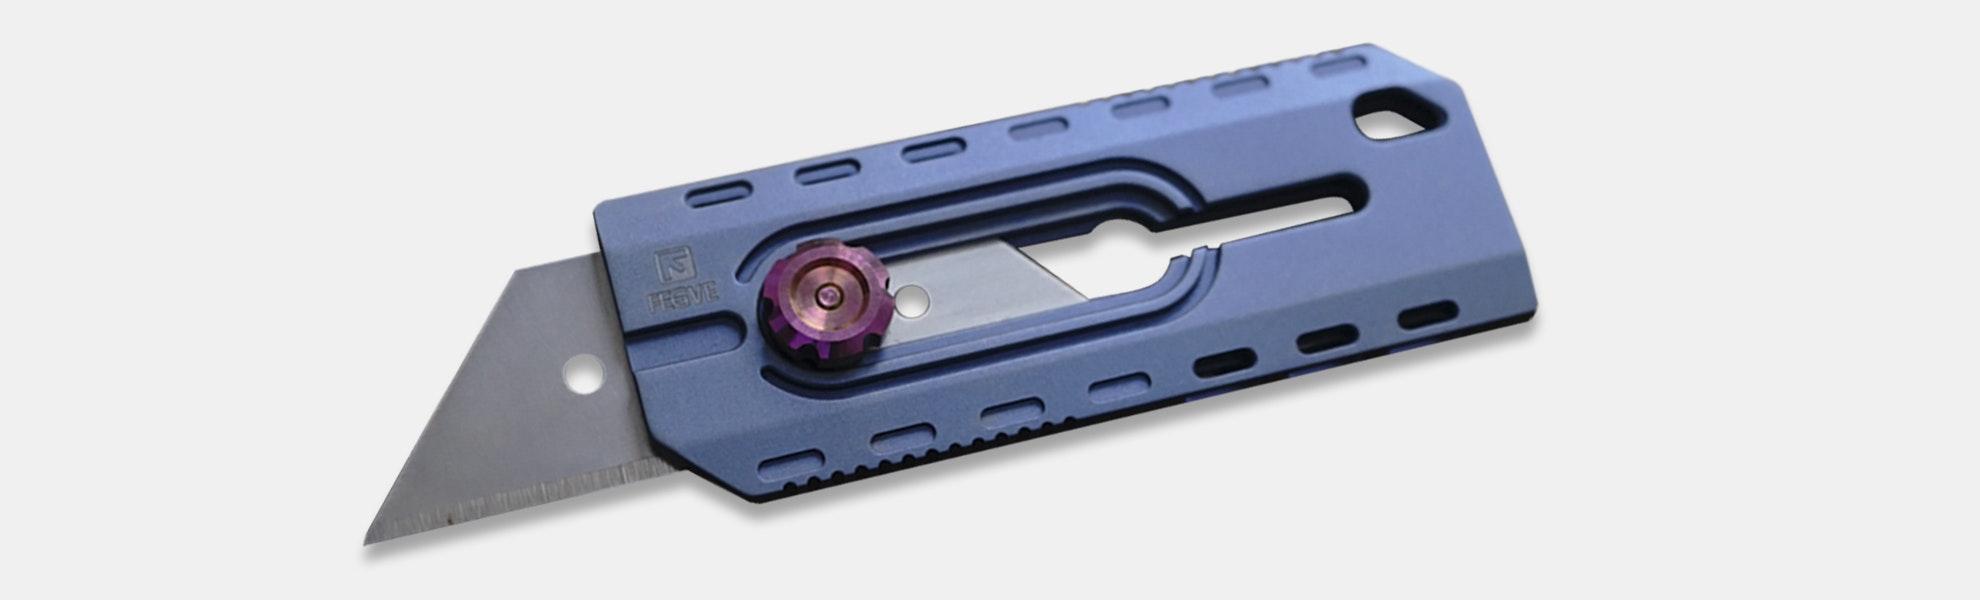 FEGVE Titanium Retracting Utility Knife